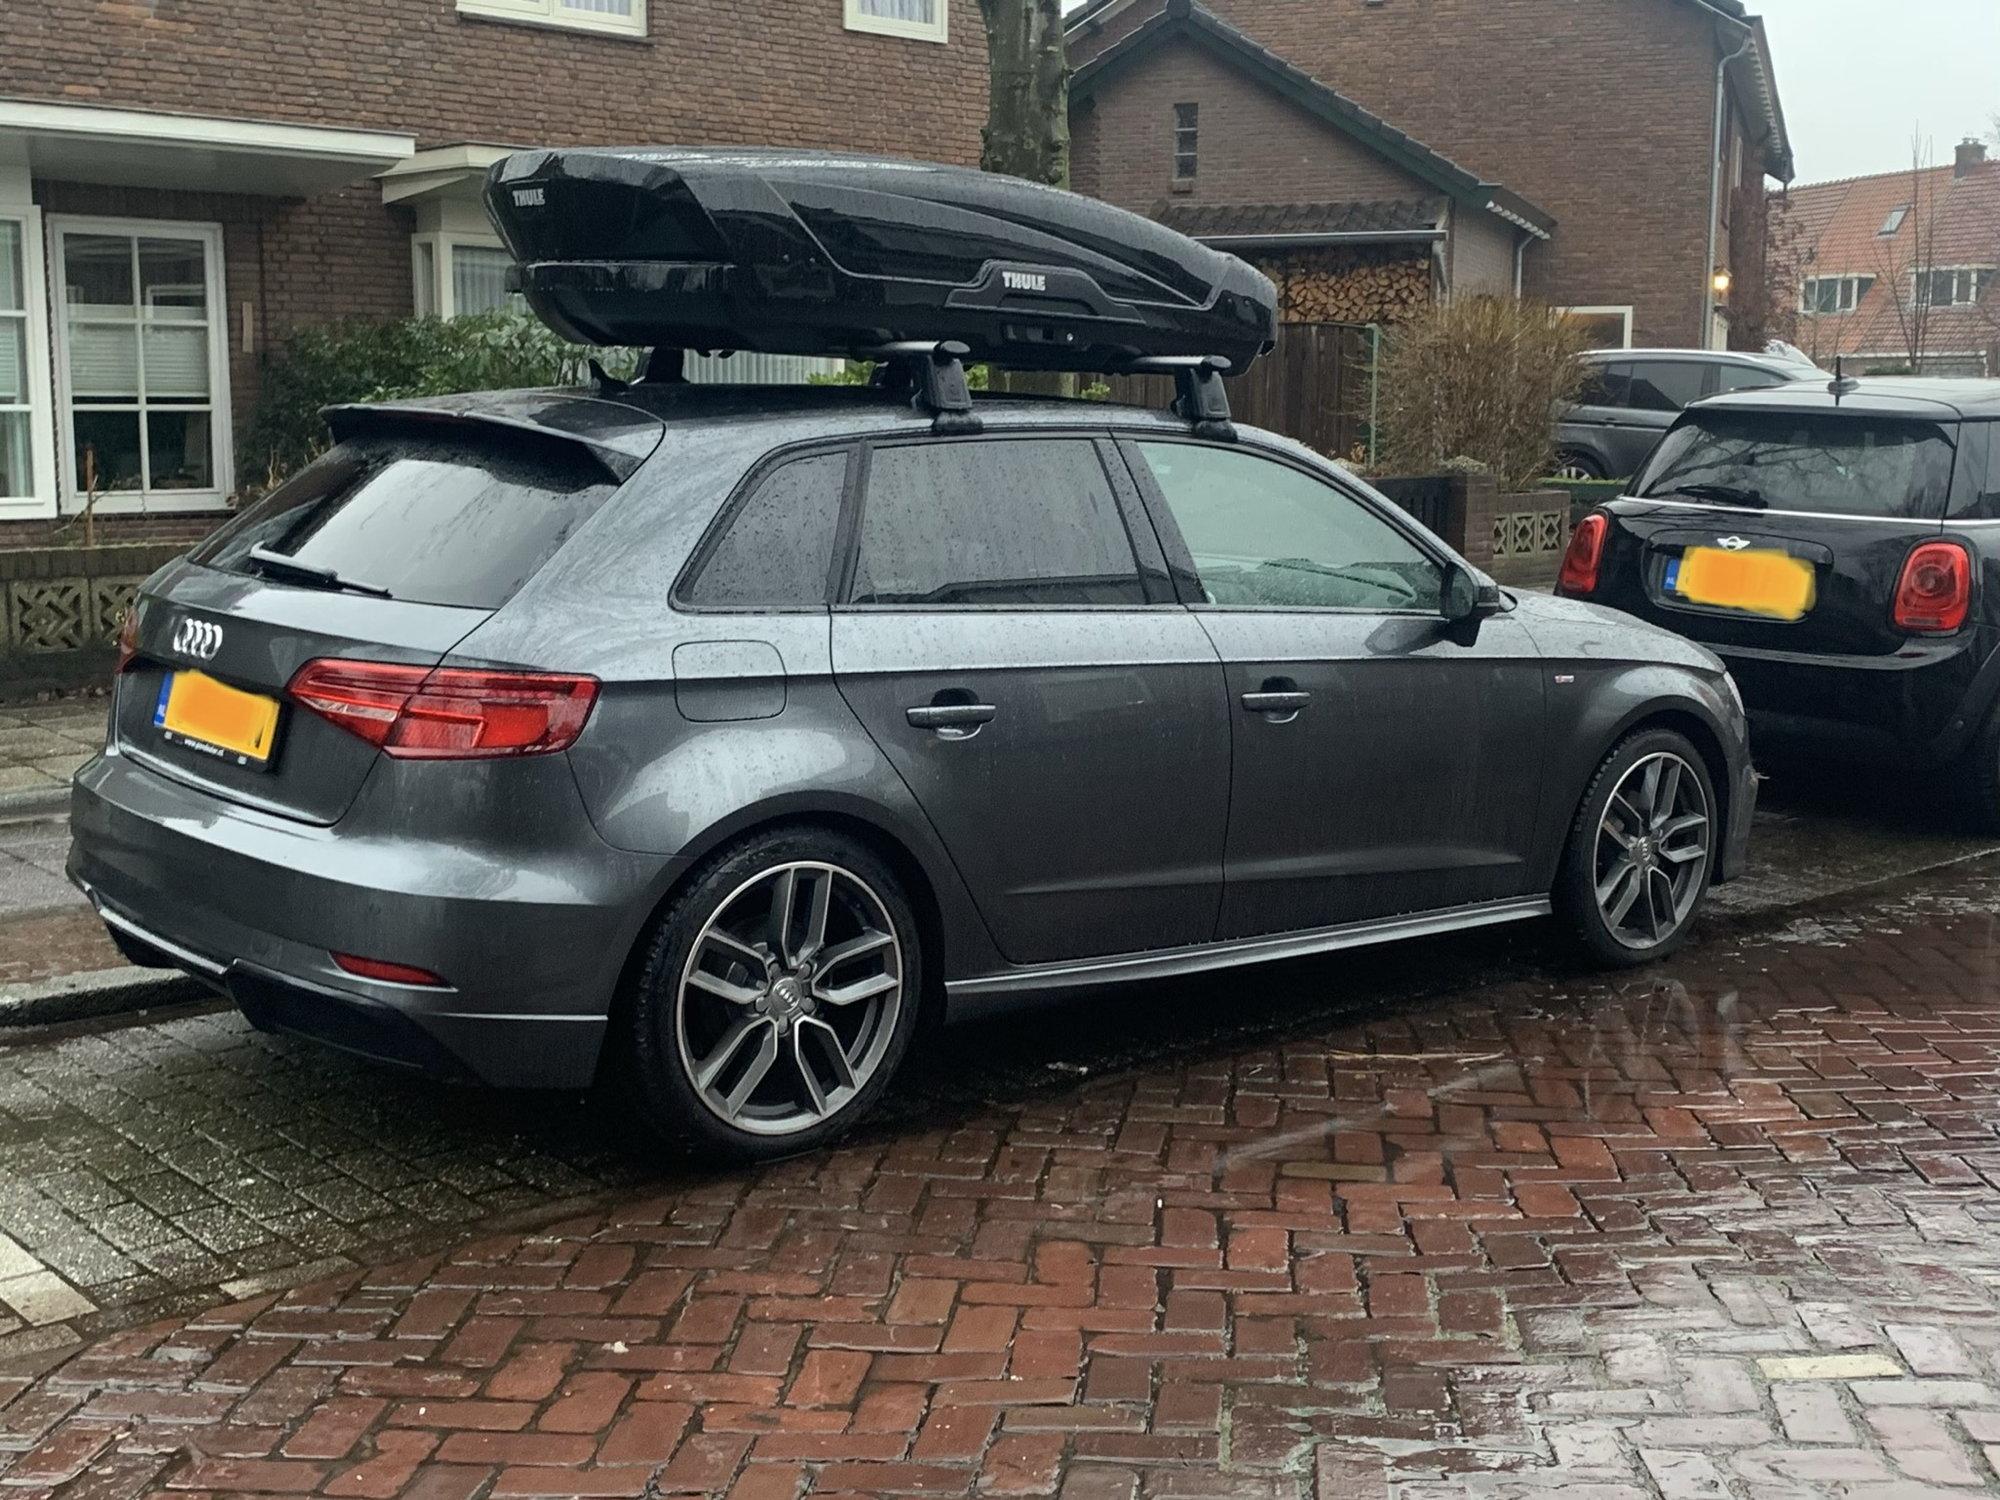 Thule Motion Xt >> Thule Motion XT L on Audi S3 - AudiWorld Forums